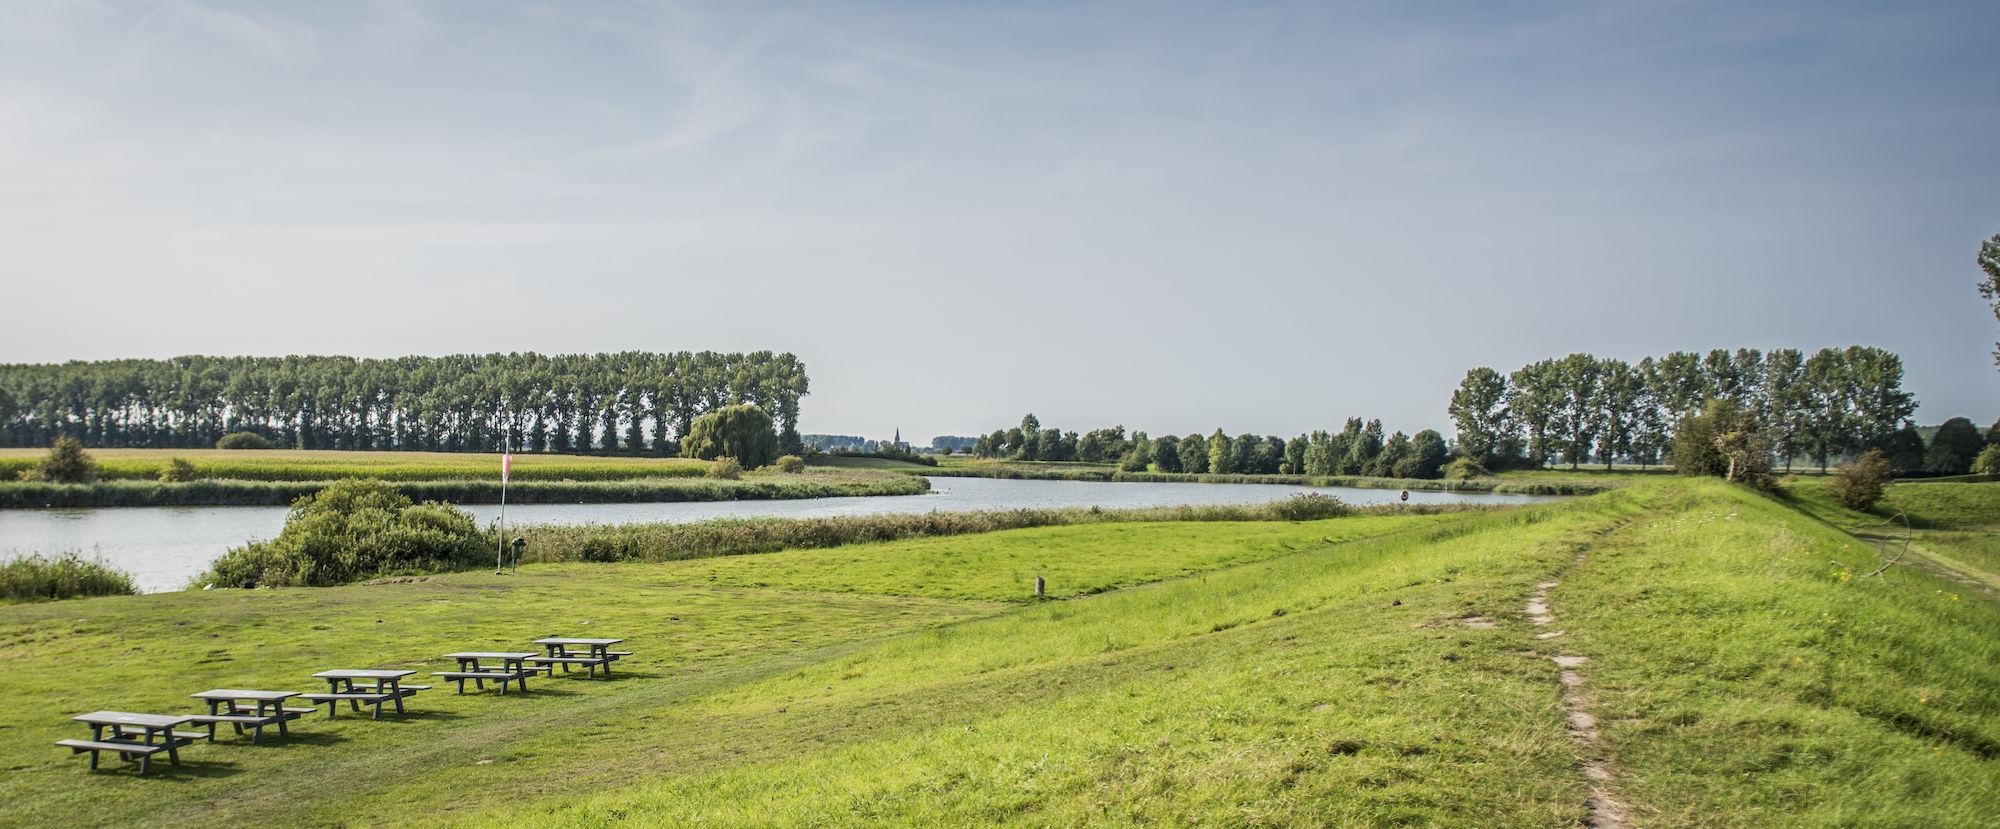 170826-Boerekreek-OVL-zomert-5.jpg